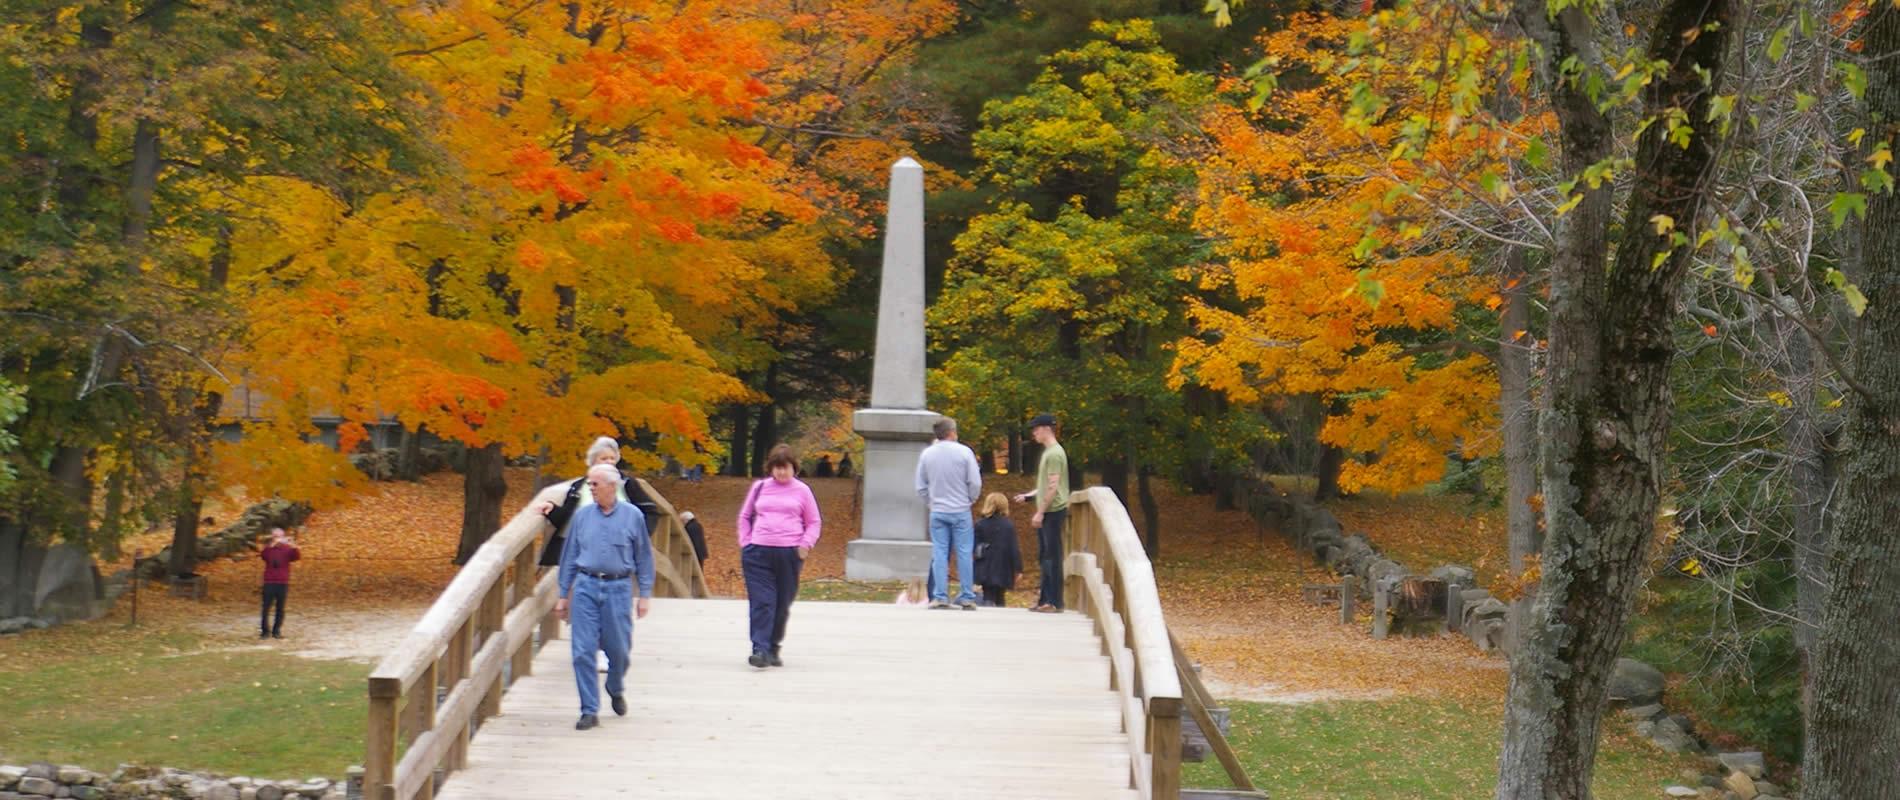 north bridge concord mass